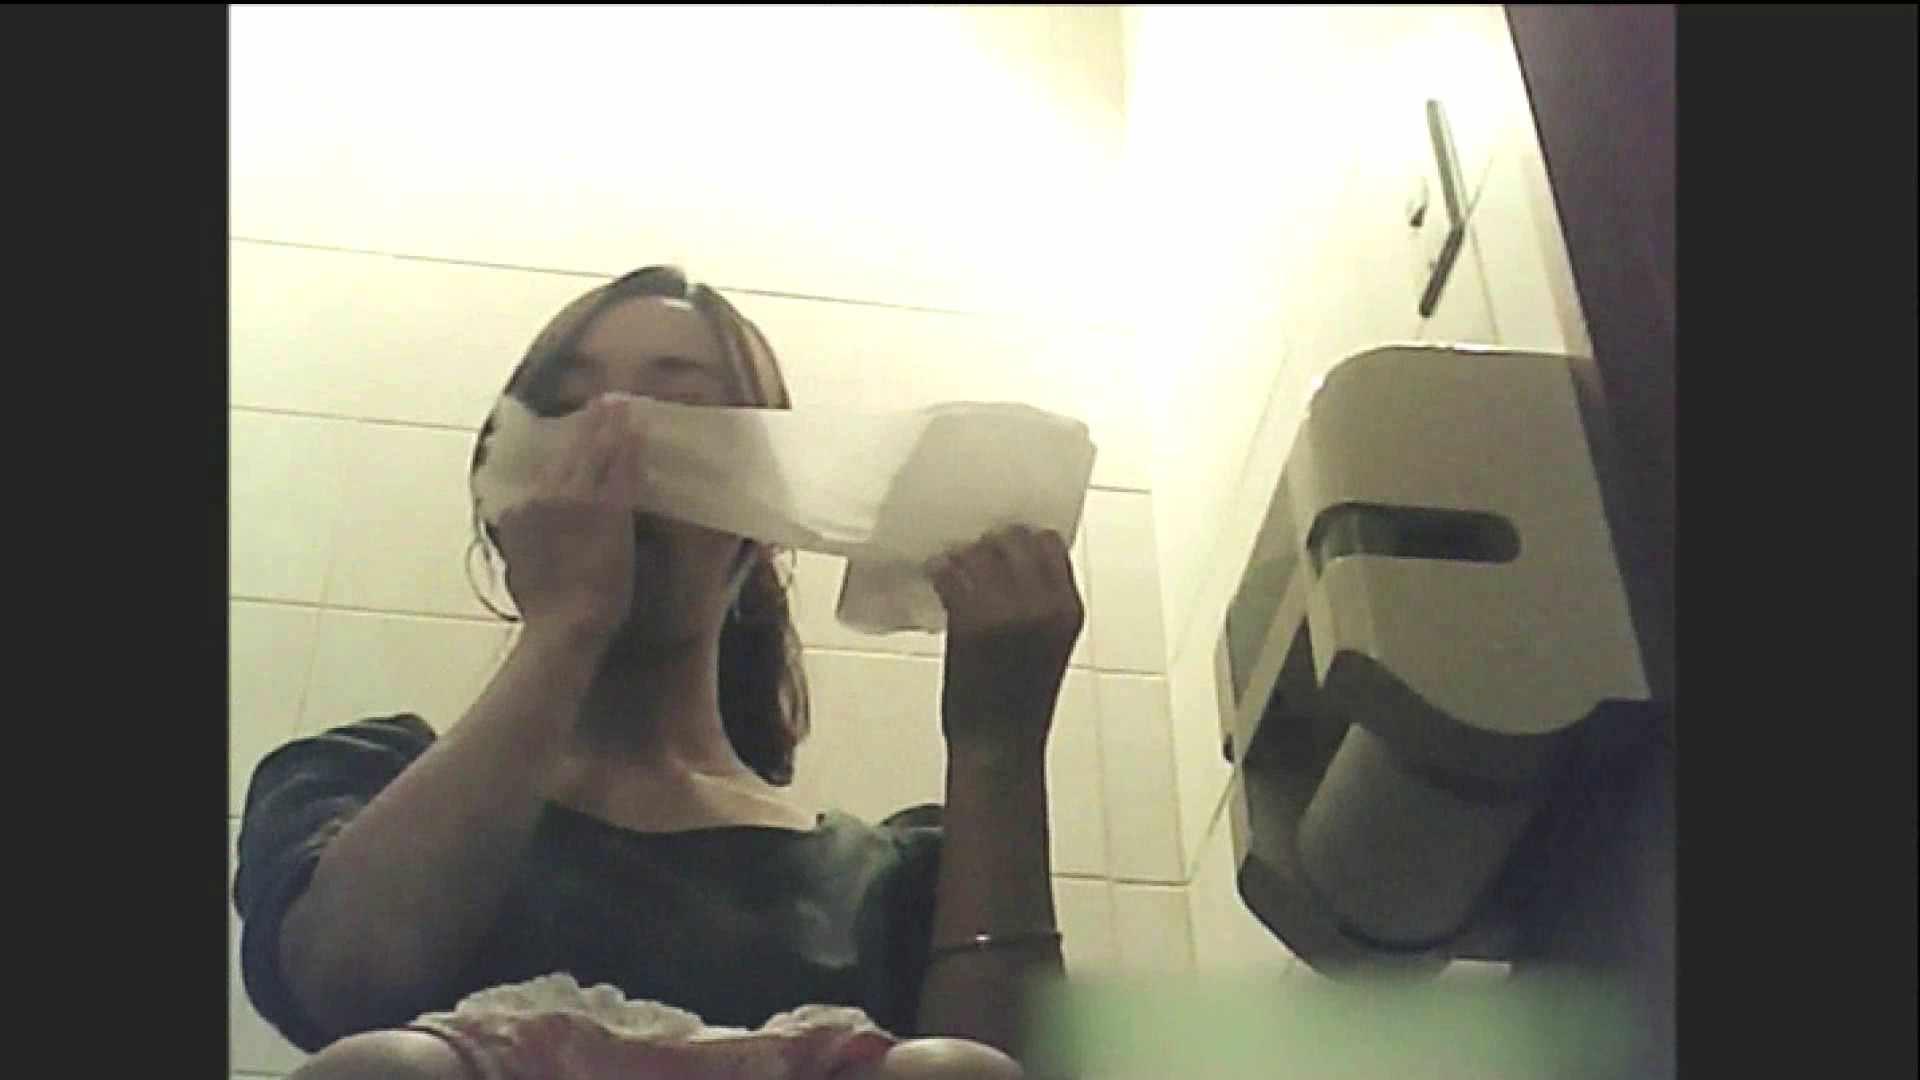 実録!!綺麗なお姉さんのトイレ事情・・・。vol.7 OL  72枚 11